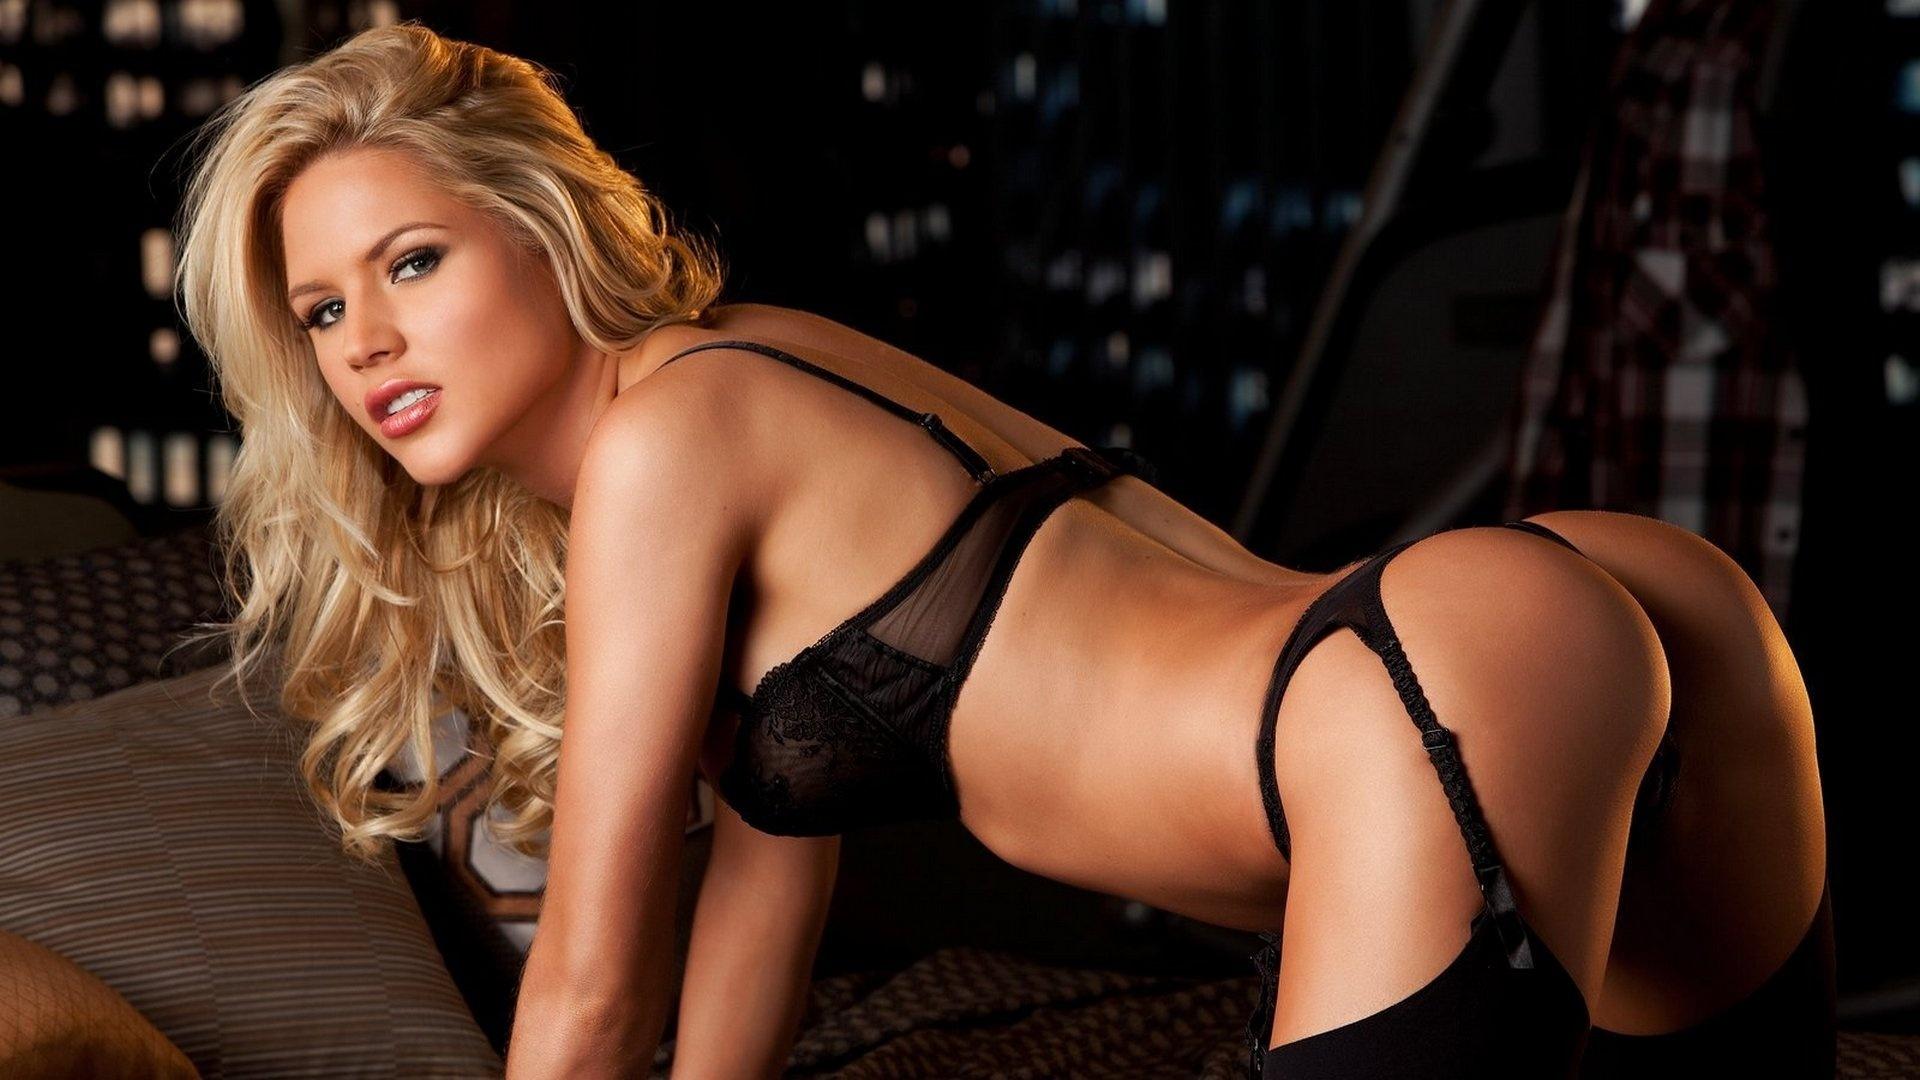 Телки самые сексуальные, Порно видео с красивыми и миловидными девушками 29 фотография